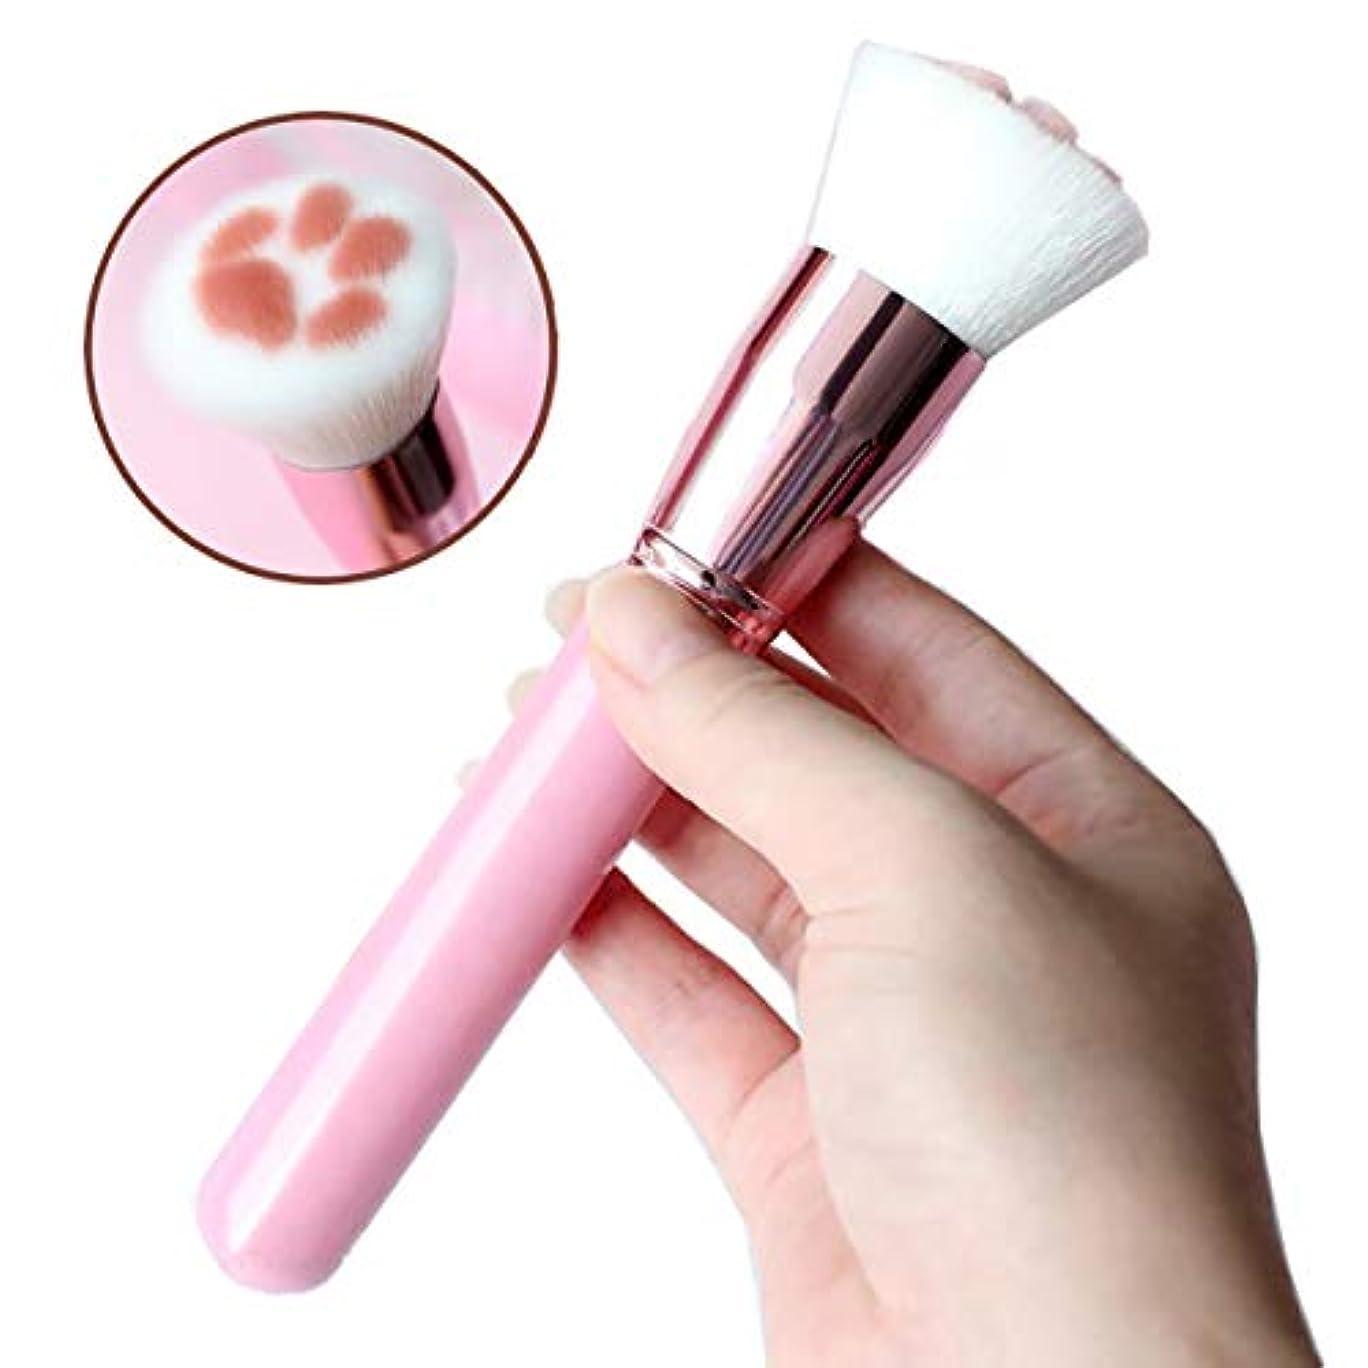 自発忙しい偏差化粧筆 ファンデーションブラシ 高級繊維毛 メイクブラシ 超柔らかい 旅行 人気 可愛い 化粧ブラシ携帯用 (ピンク)